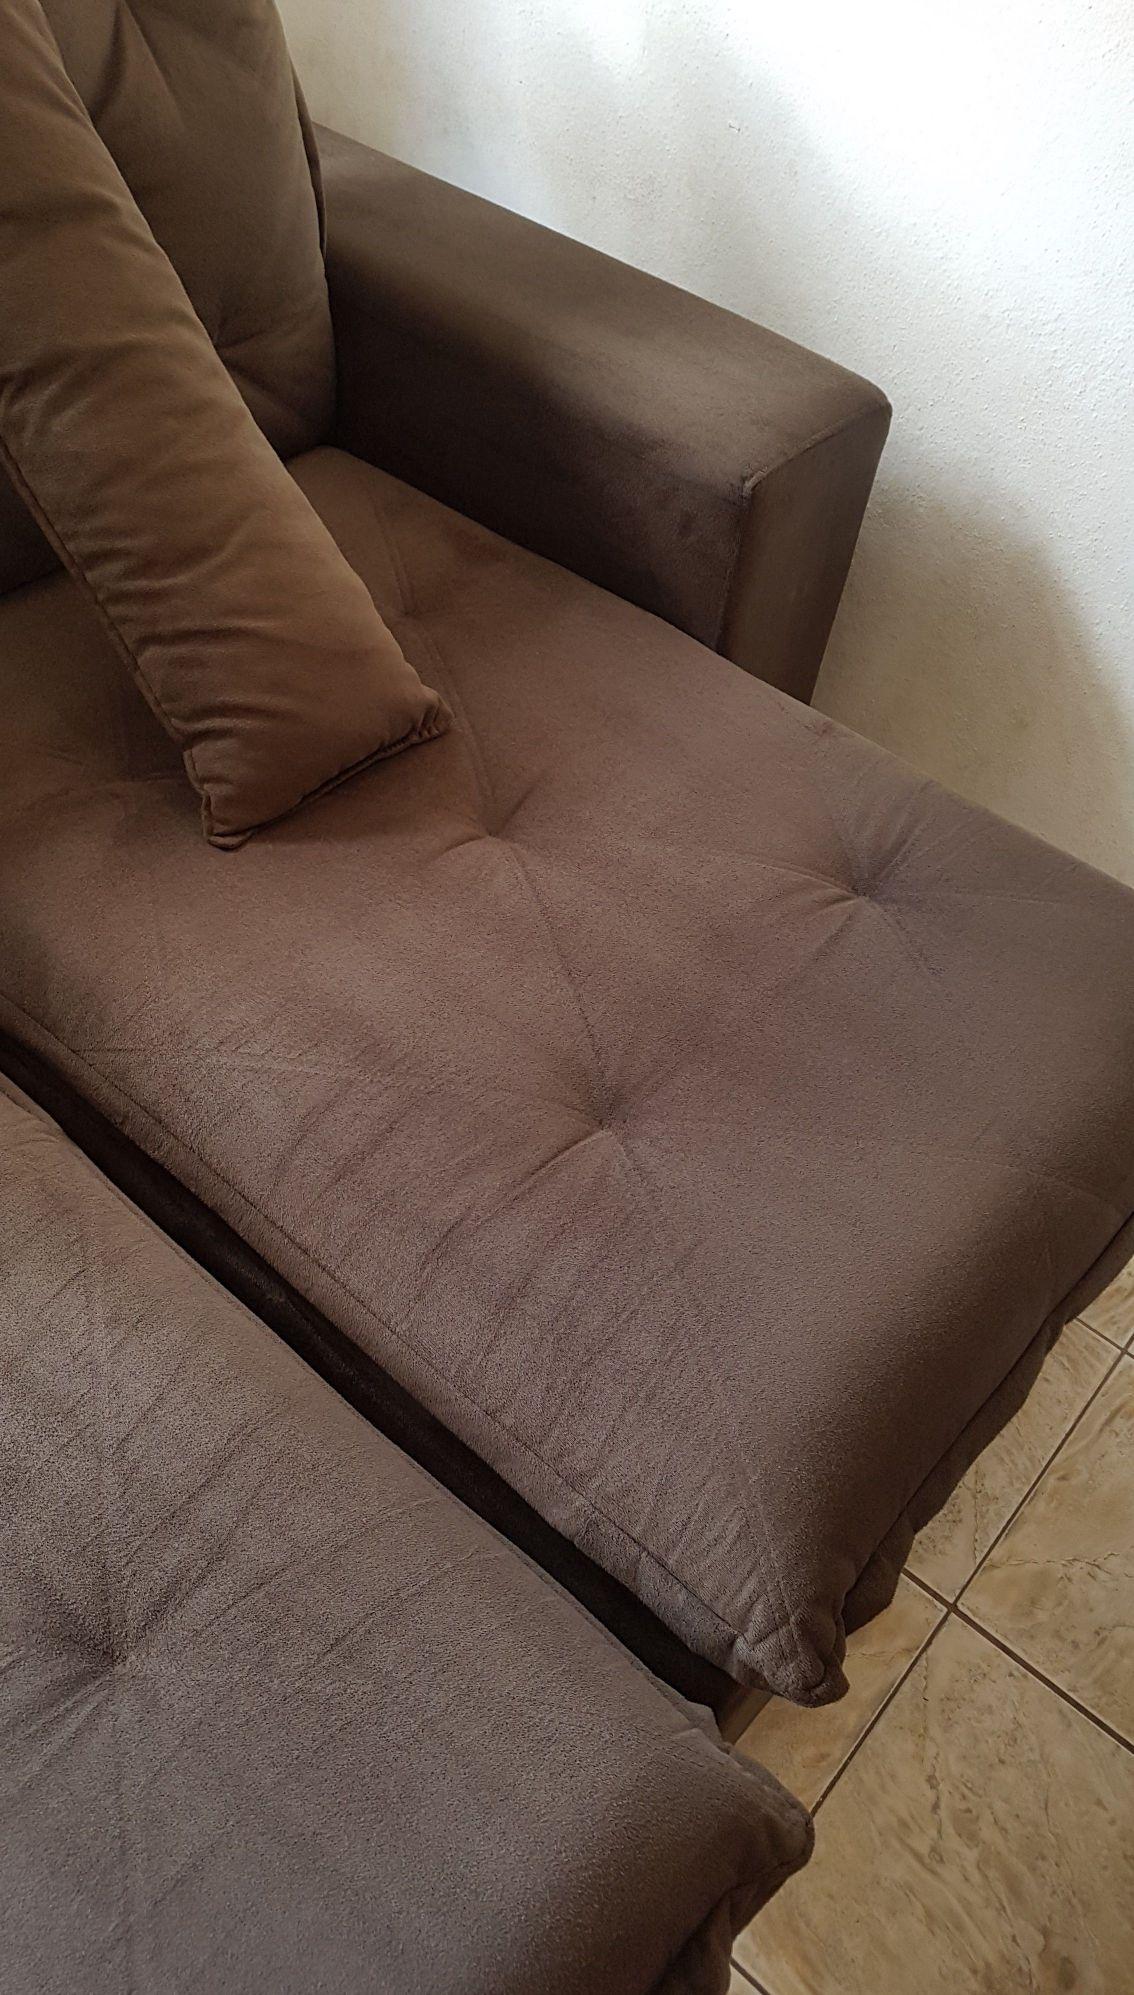 Higienização de sofá, remoção de ácaros e bactéria